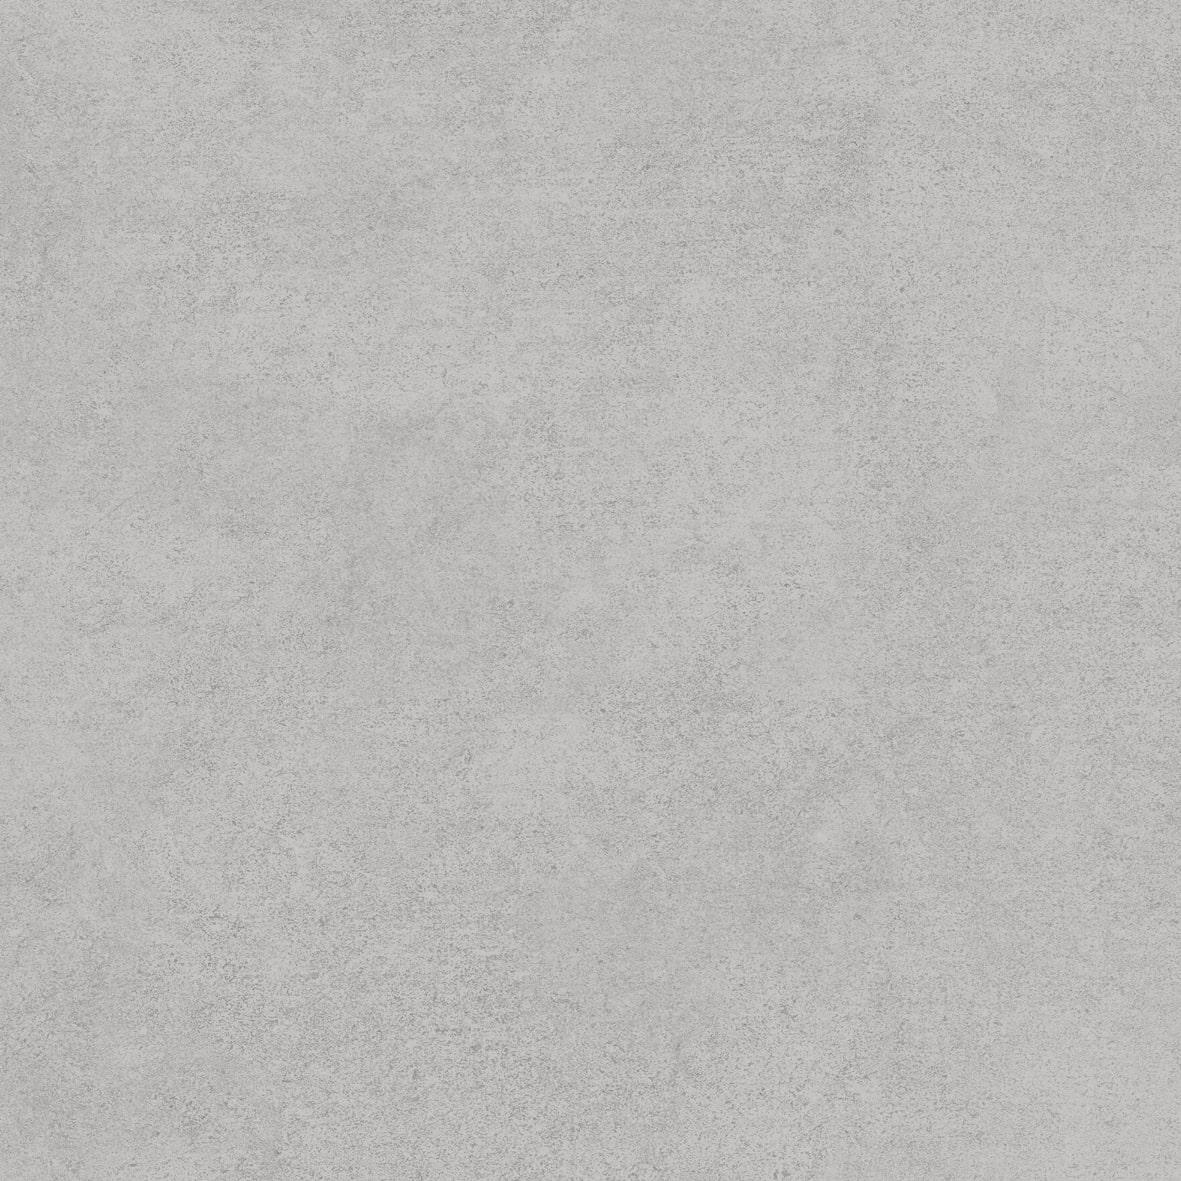 DGVT Cemento Grey